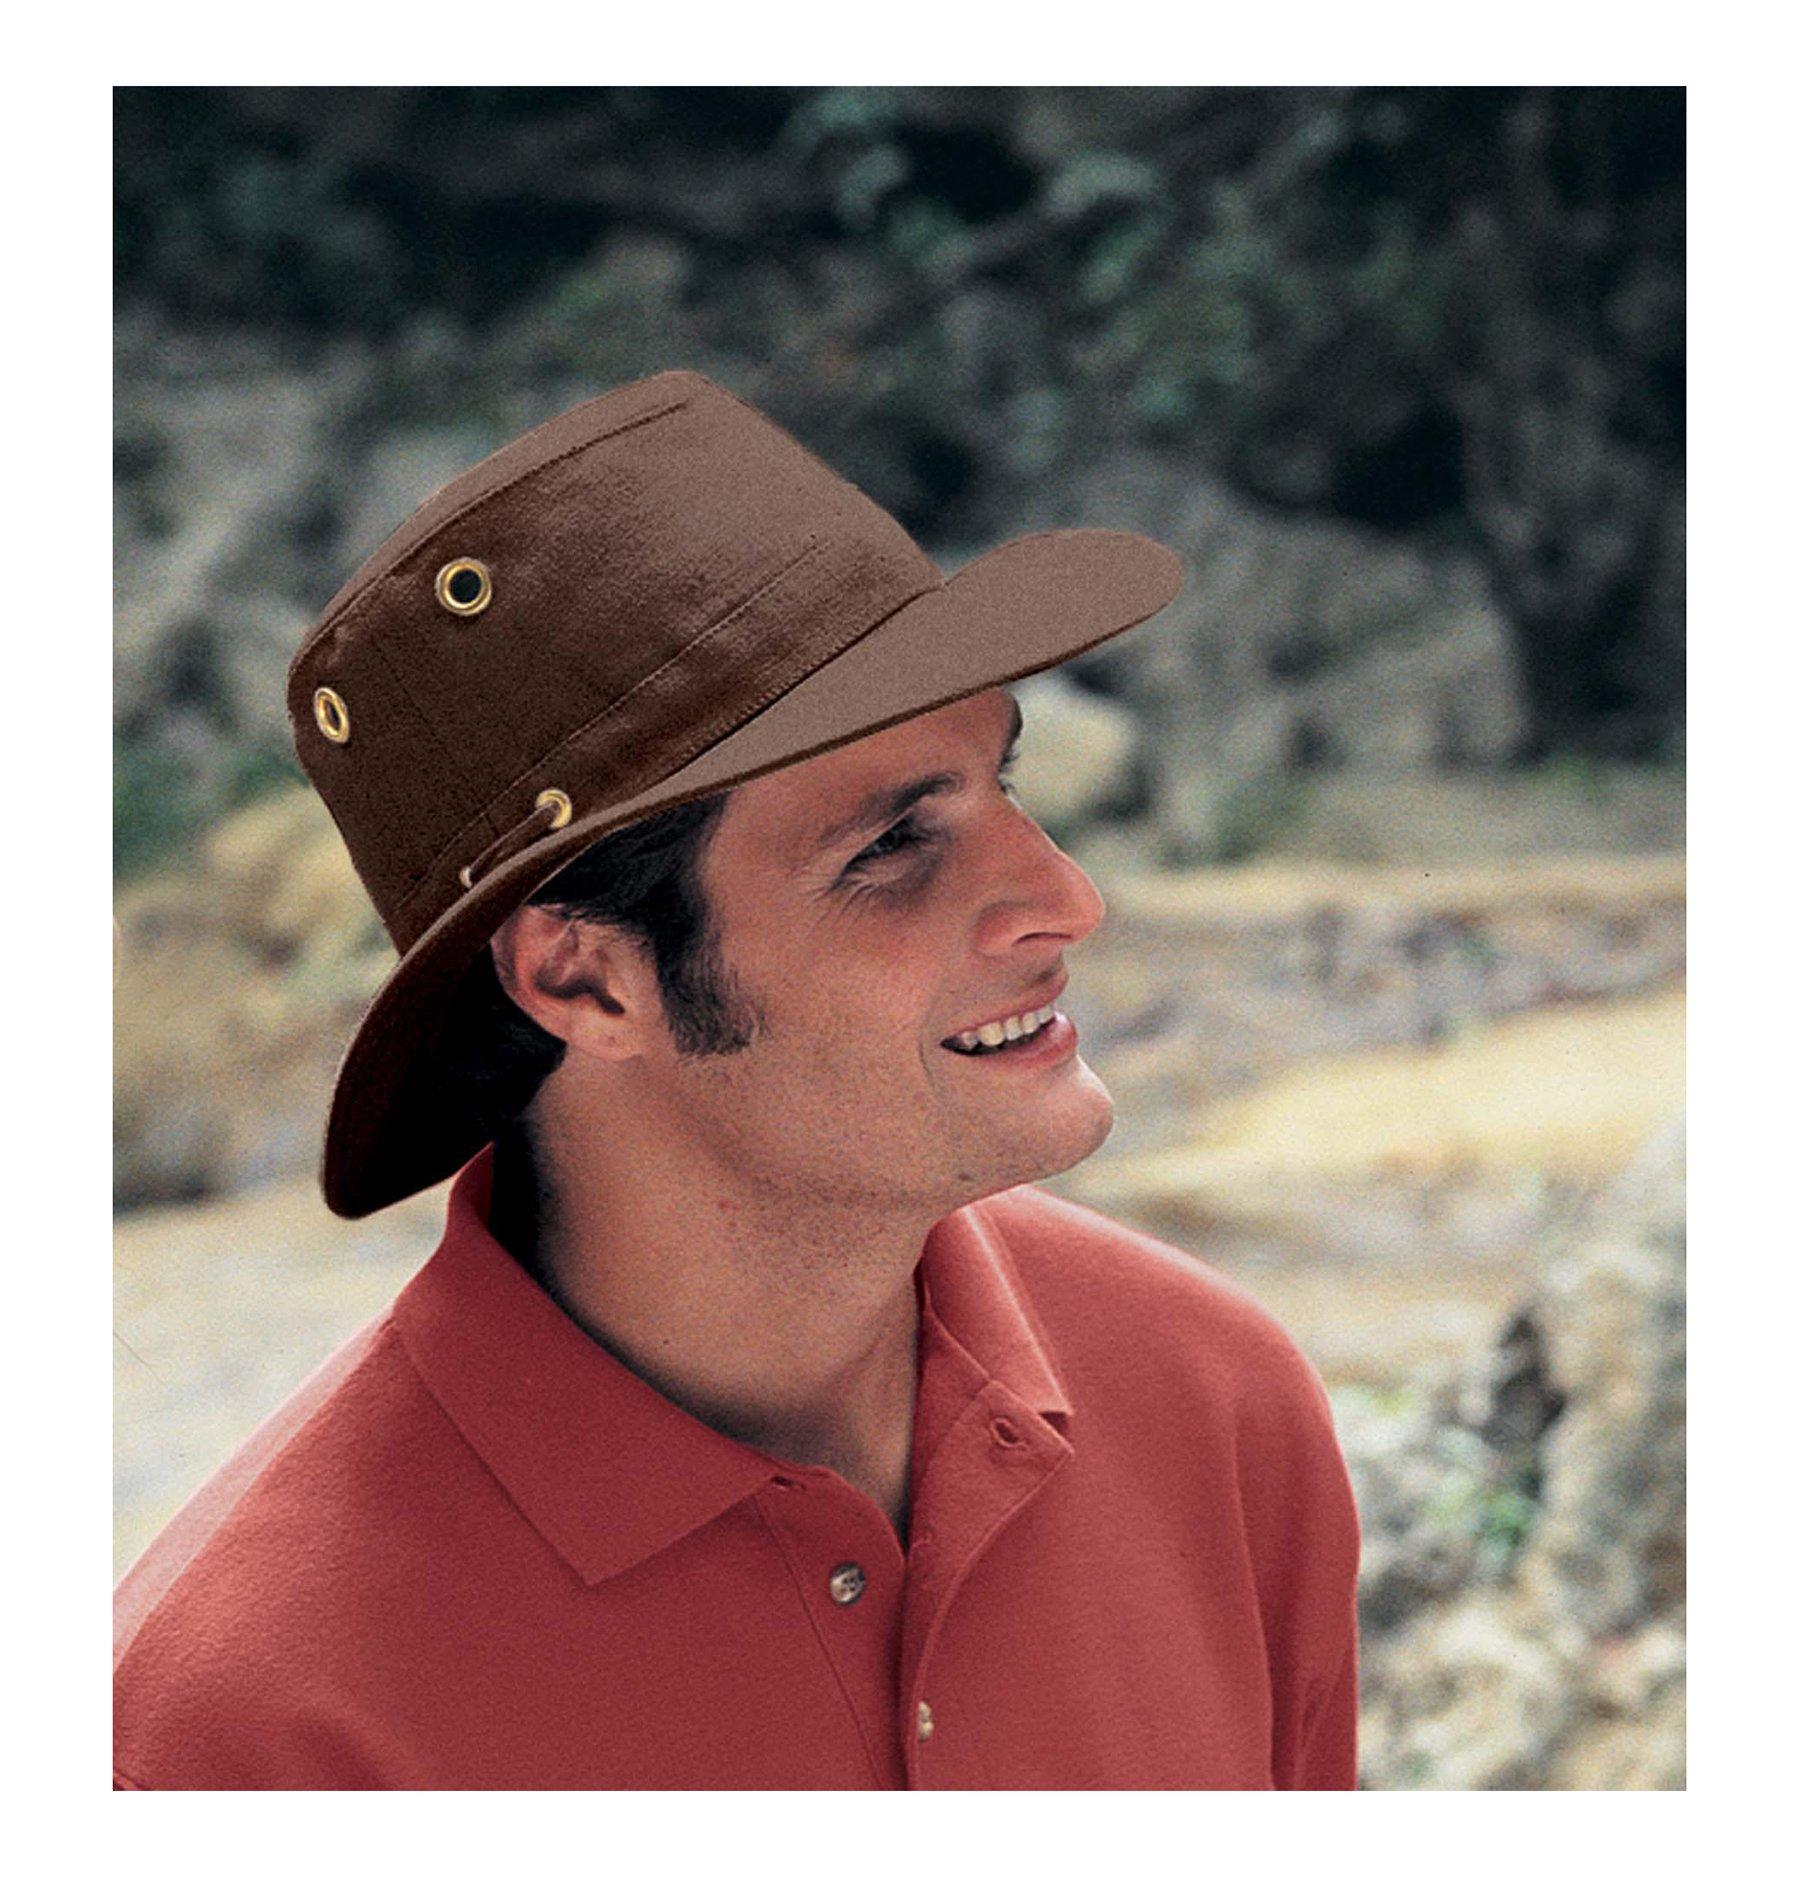 Tilley Hats TH5 Men s Hemp Hat Mocha - TH5-MOCA - Parent   Hats   Caps    Clothing 72db6f7d5462